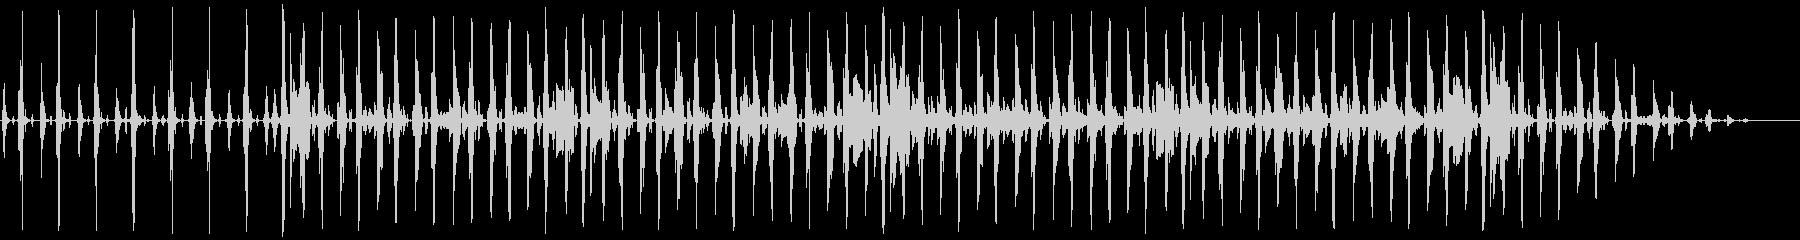 シャッフルビートのネオソウルR&Bの未再生の波形